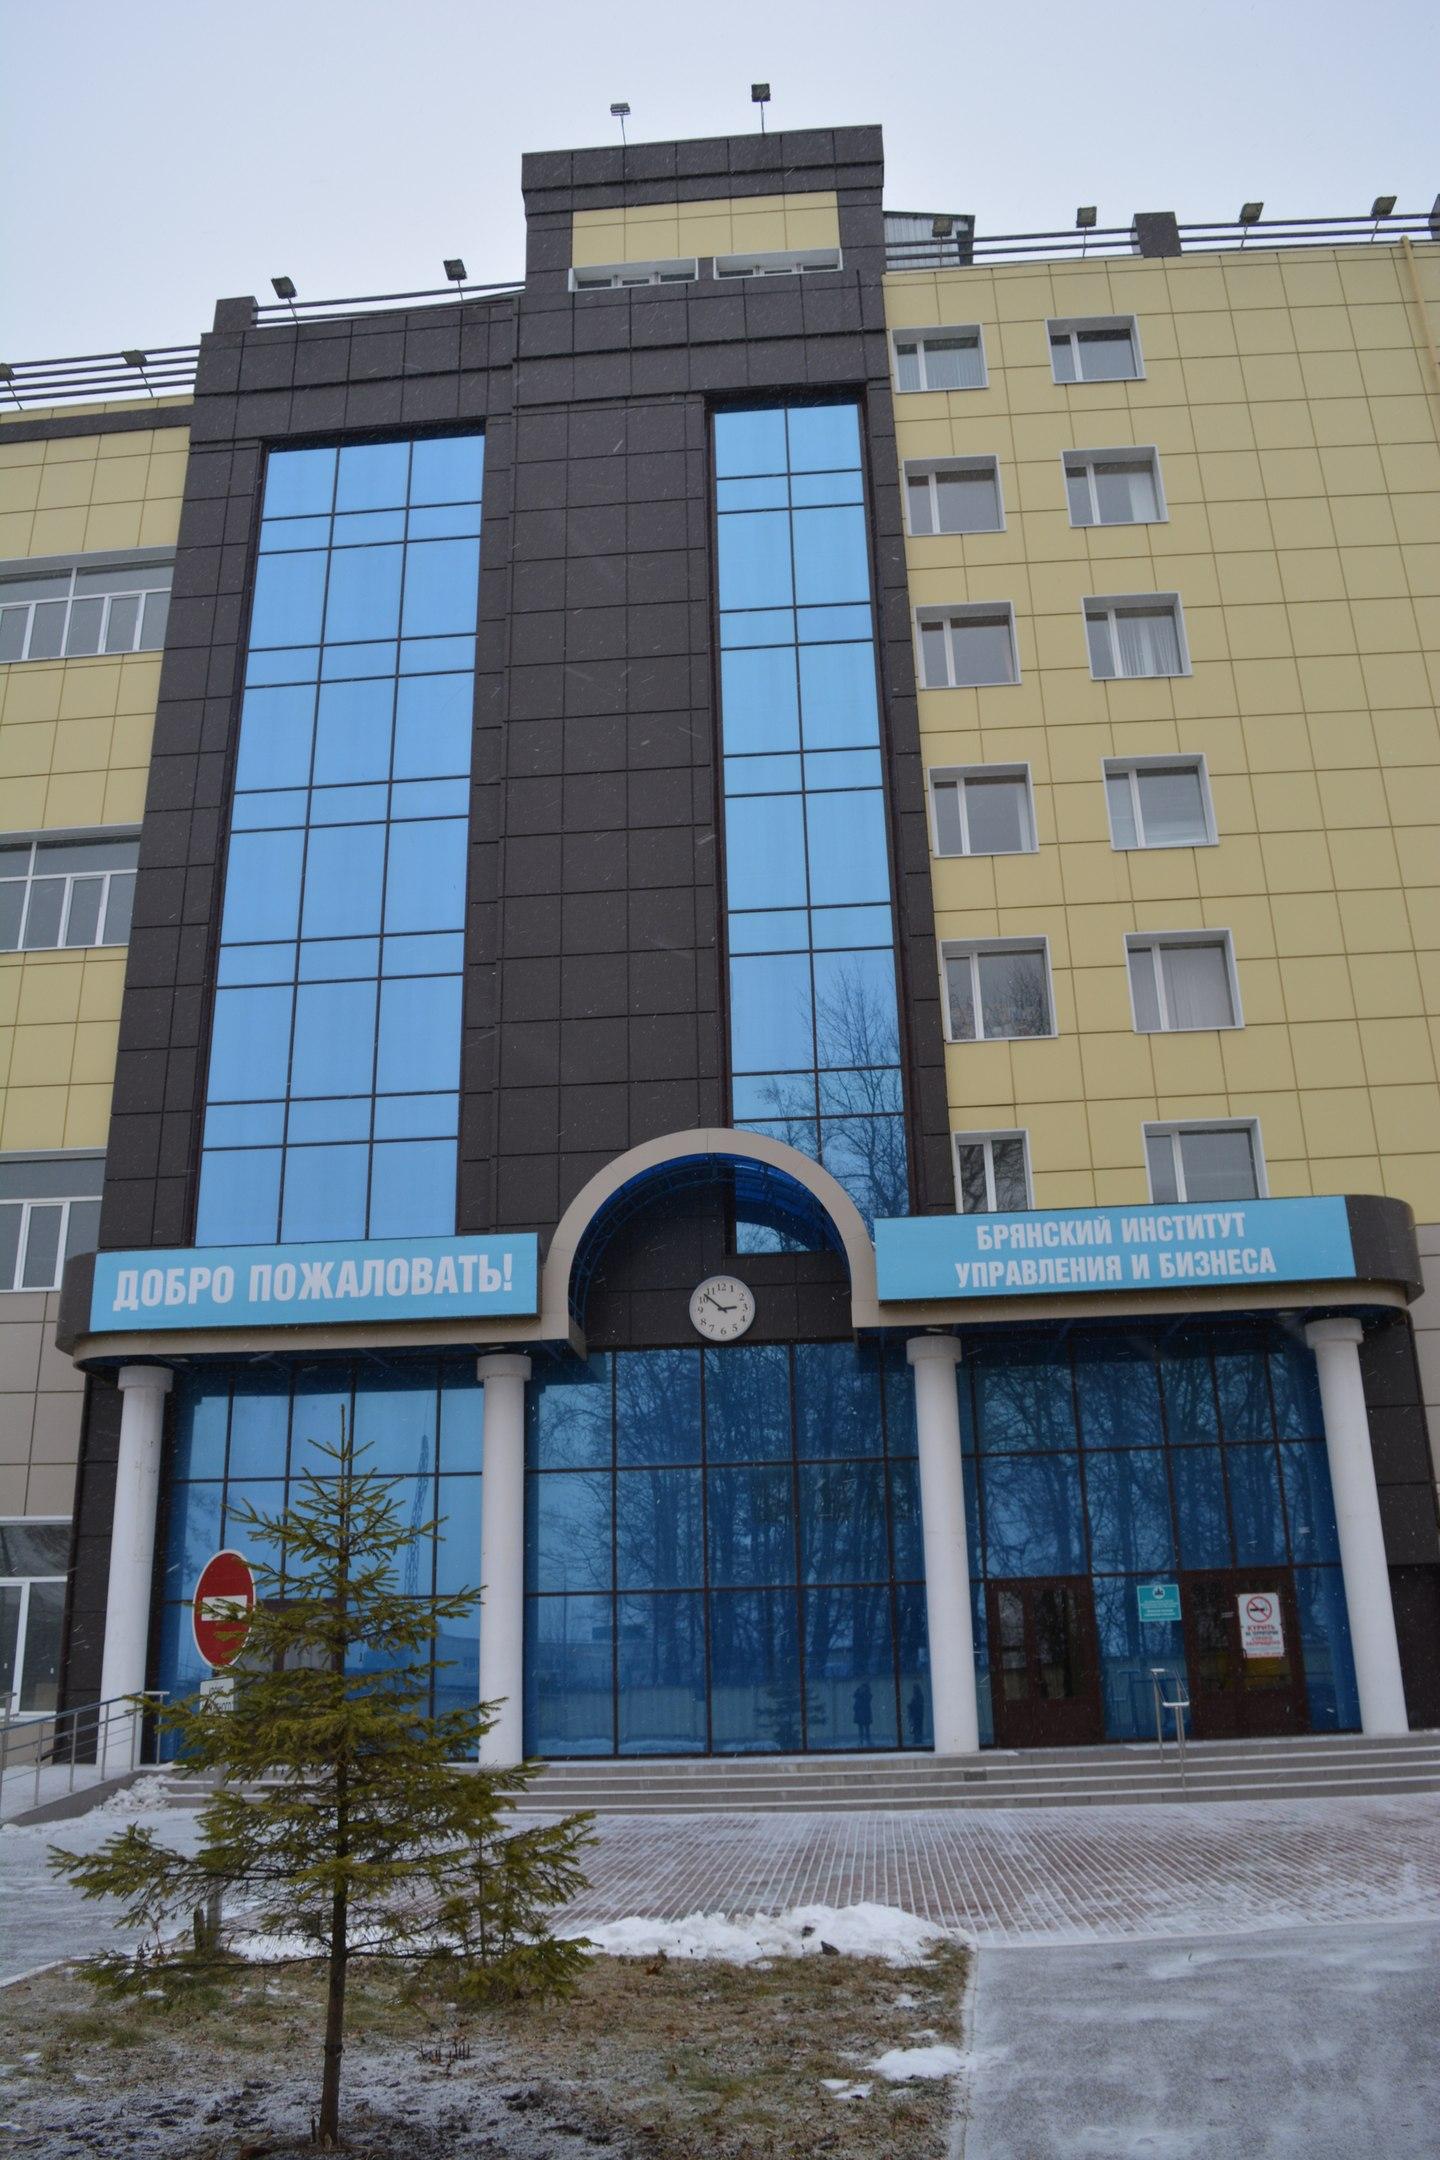 Здание Брянского техникума управления и бизнеса